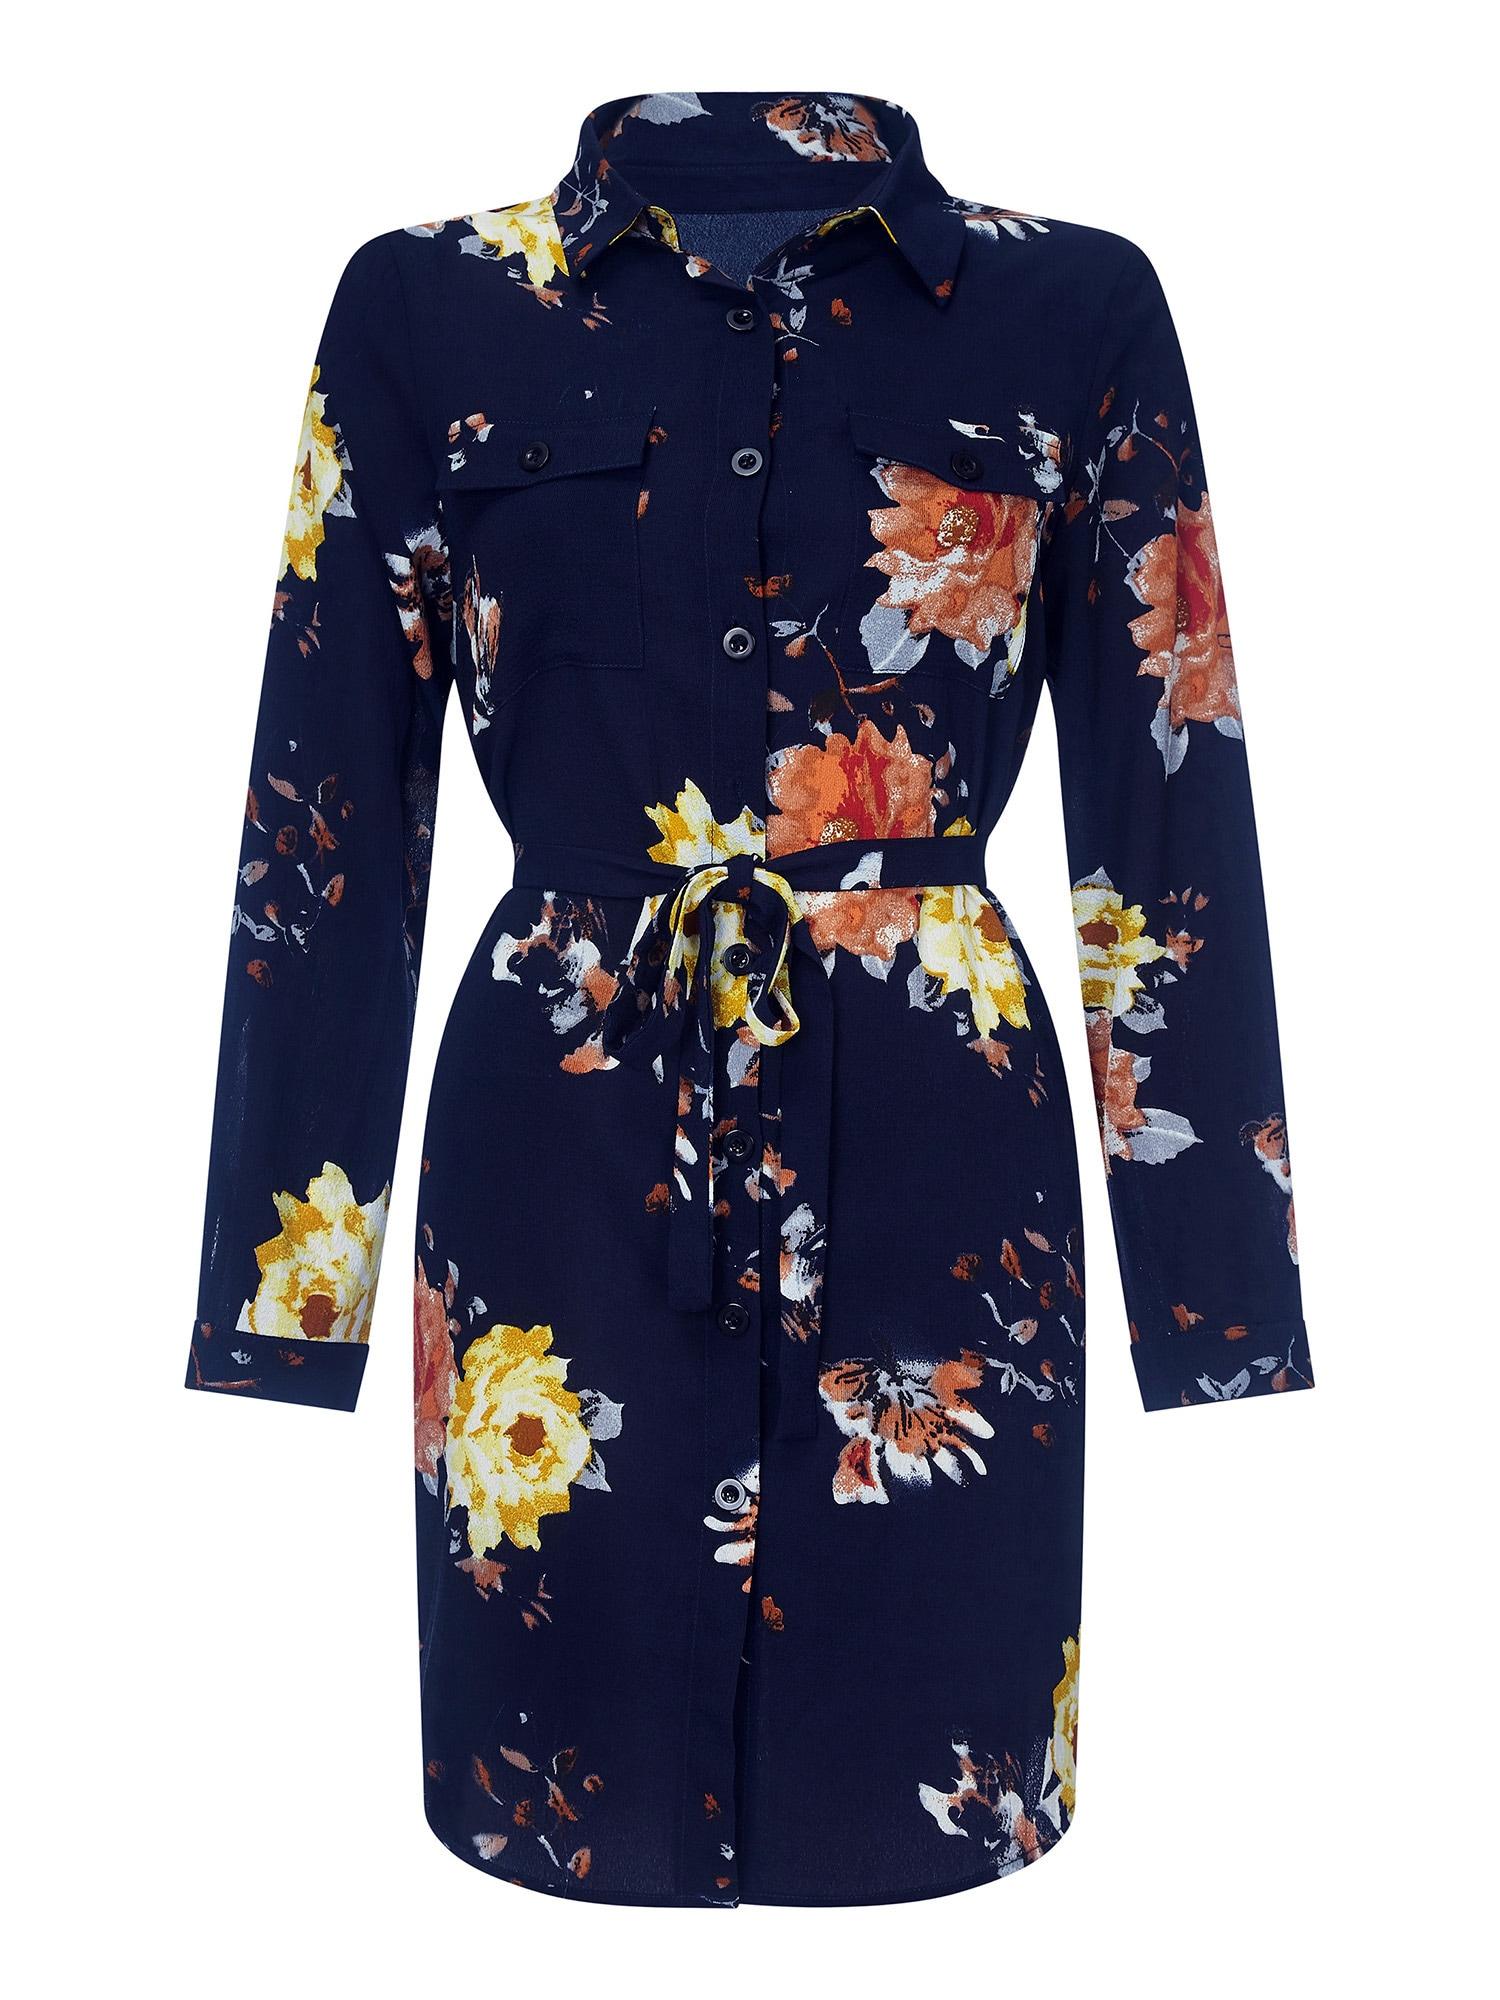 Letní šaty FLORAL PRINT SHIRT DRESS mix barev oranžová černá Mela London